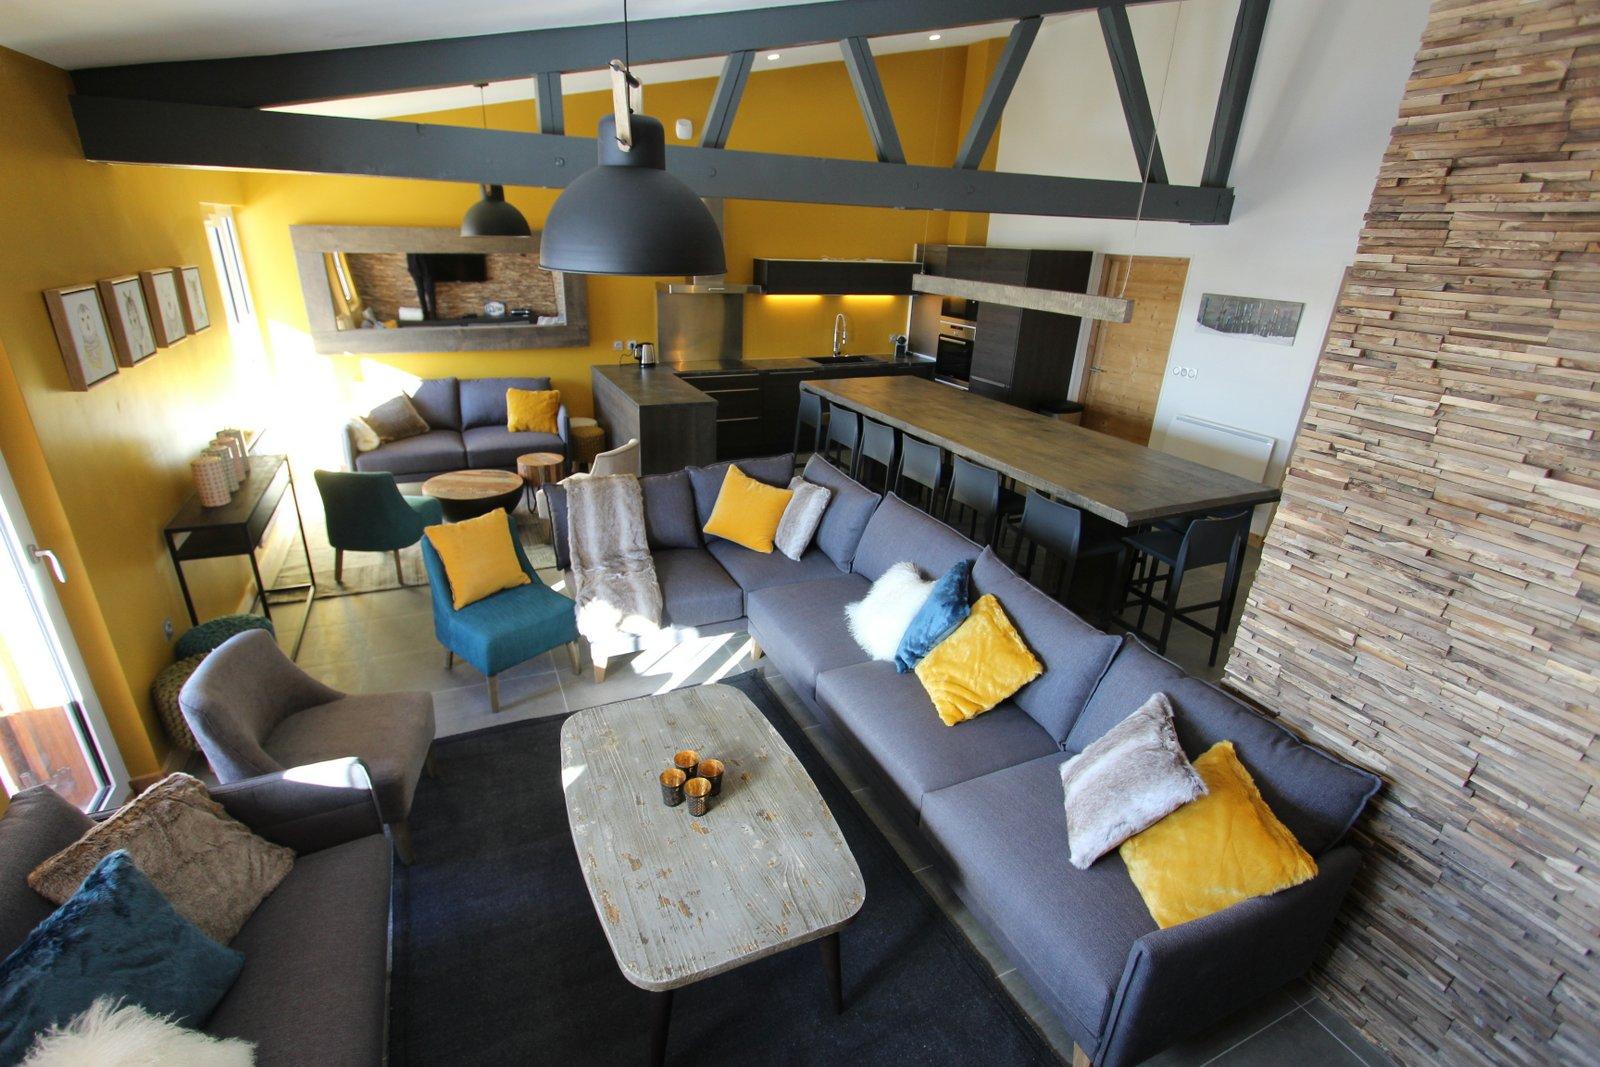 neige ski grand appartement grand chalet chambre avec salle de bain 14 personnes vacances en famille vacances entre amis neige